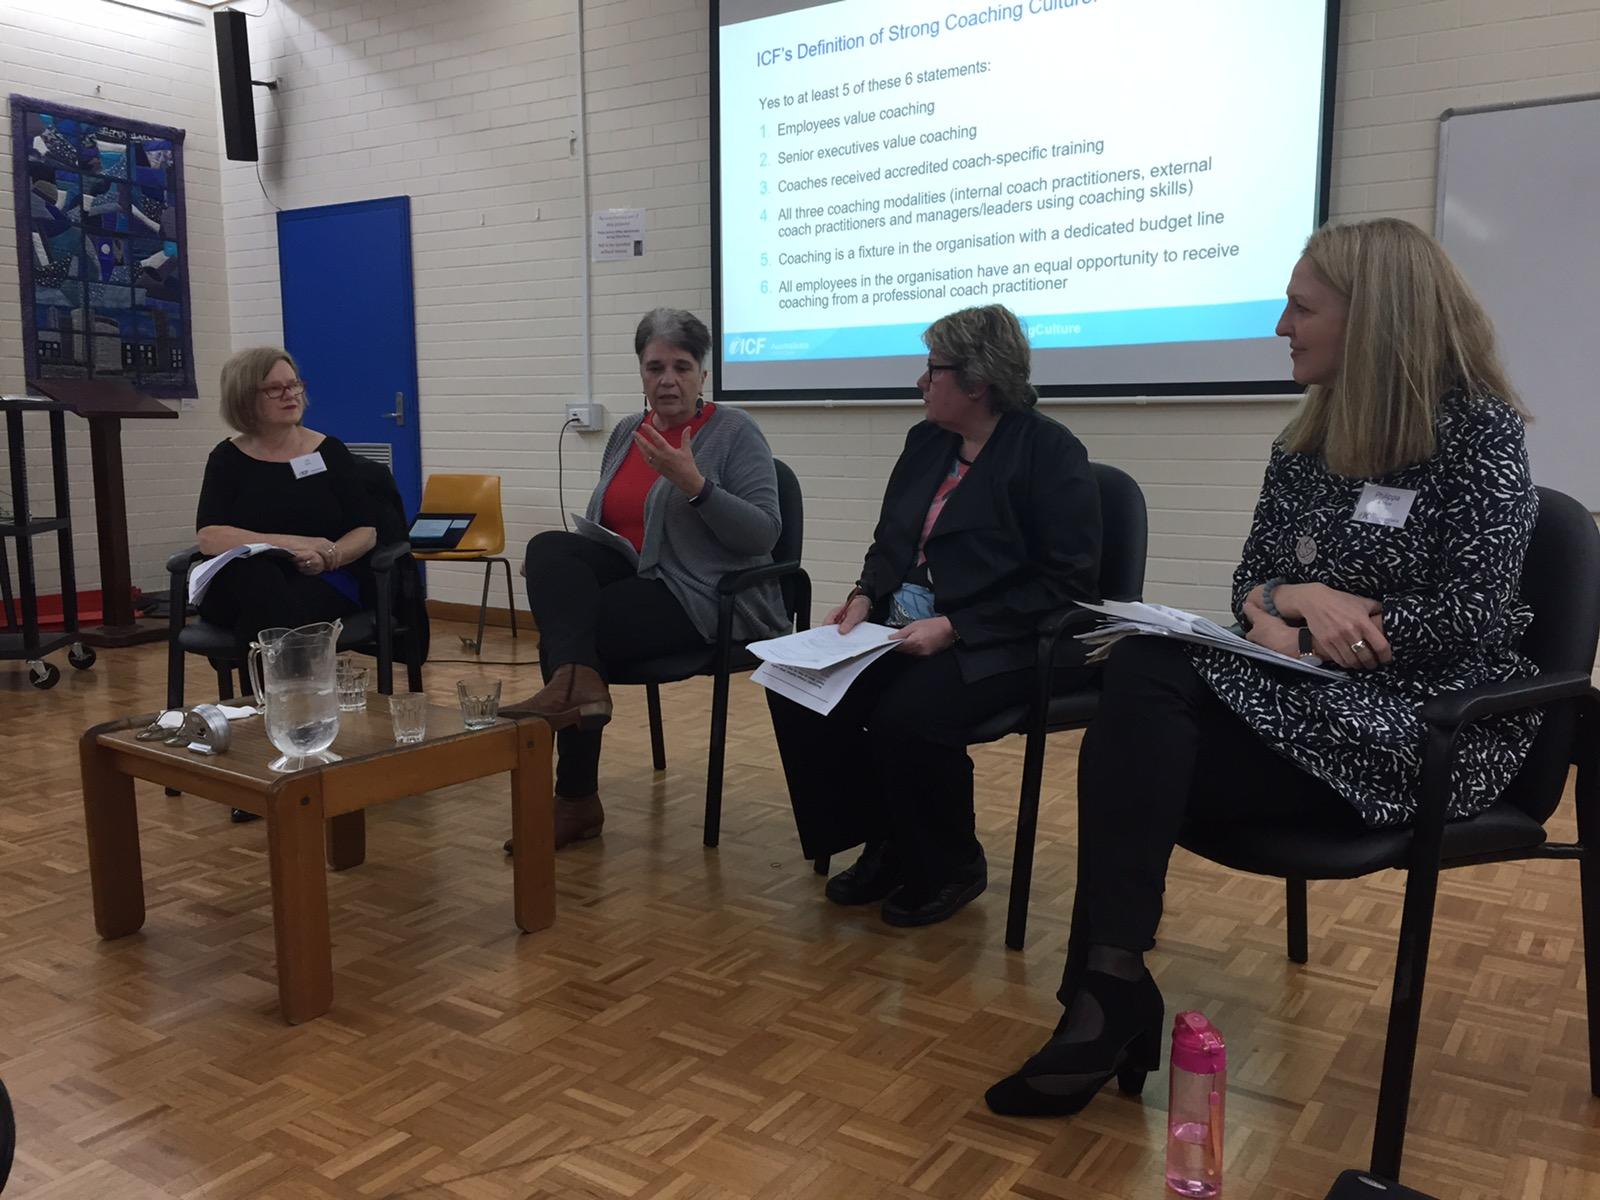 ICF/AHRI panel on coaching and change June 2019